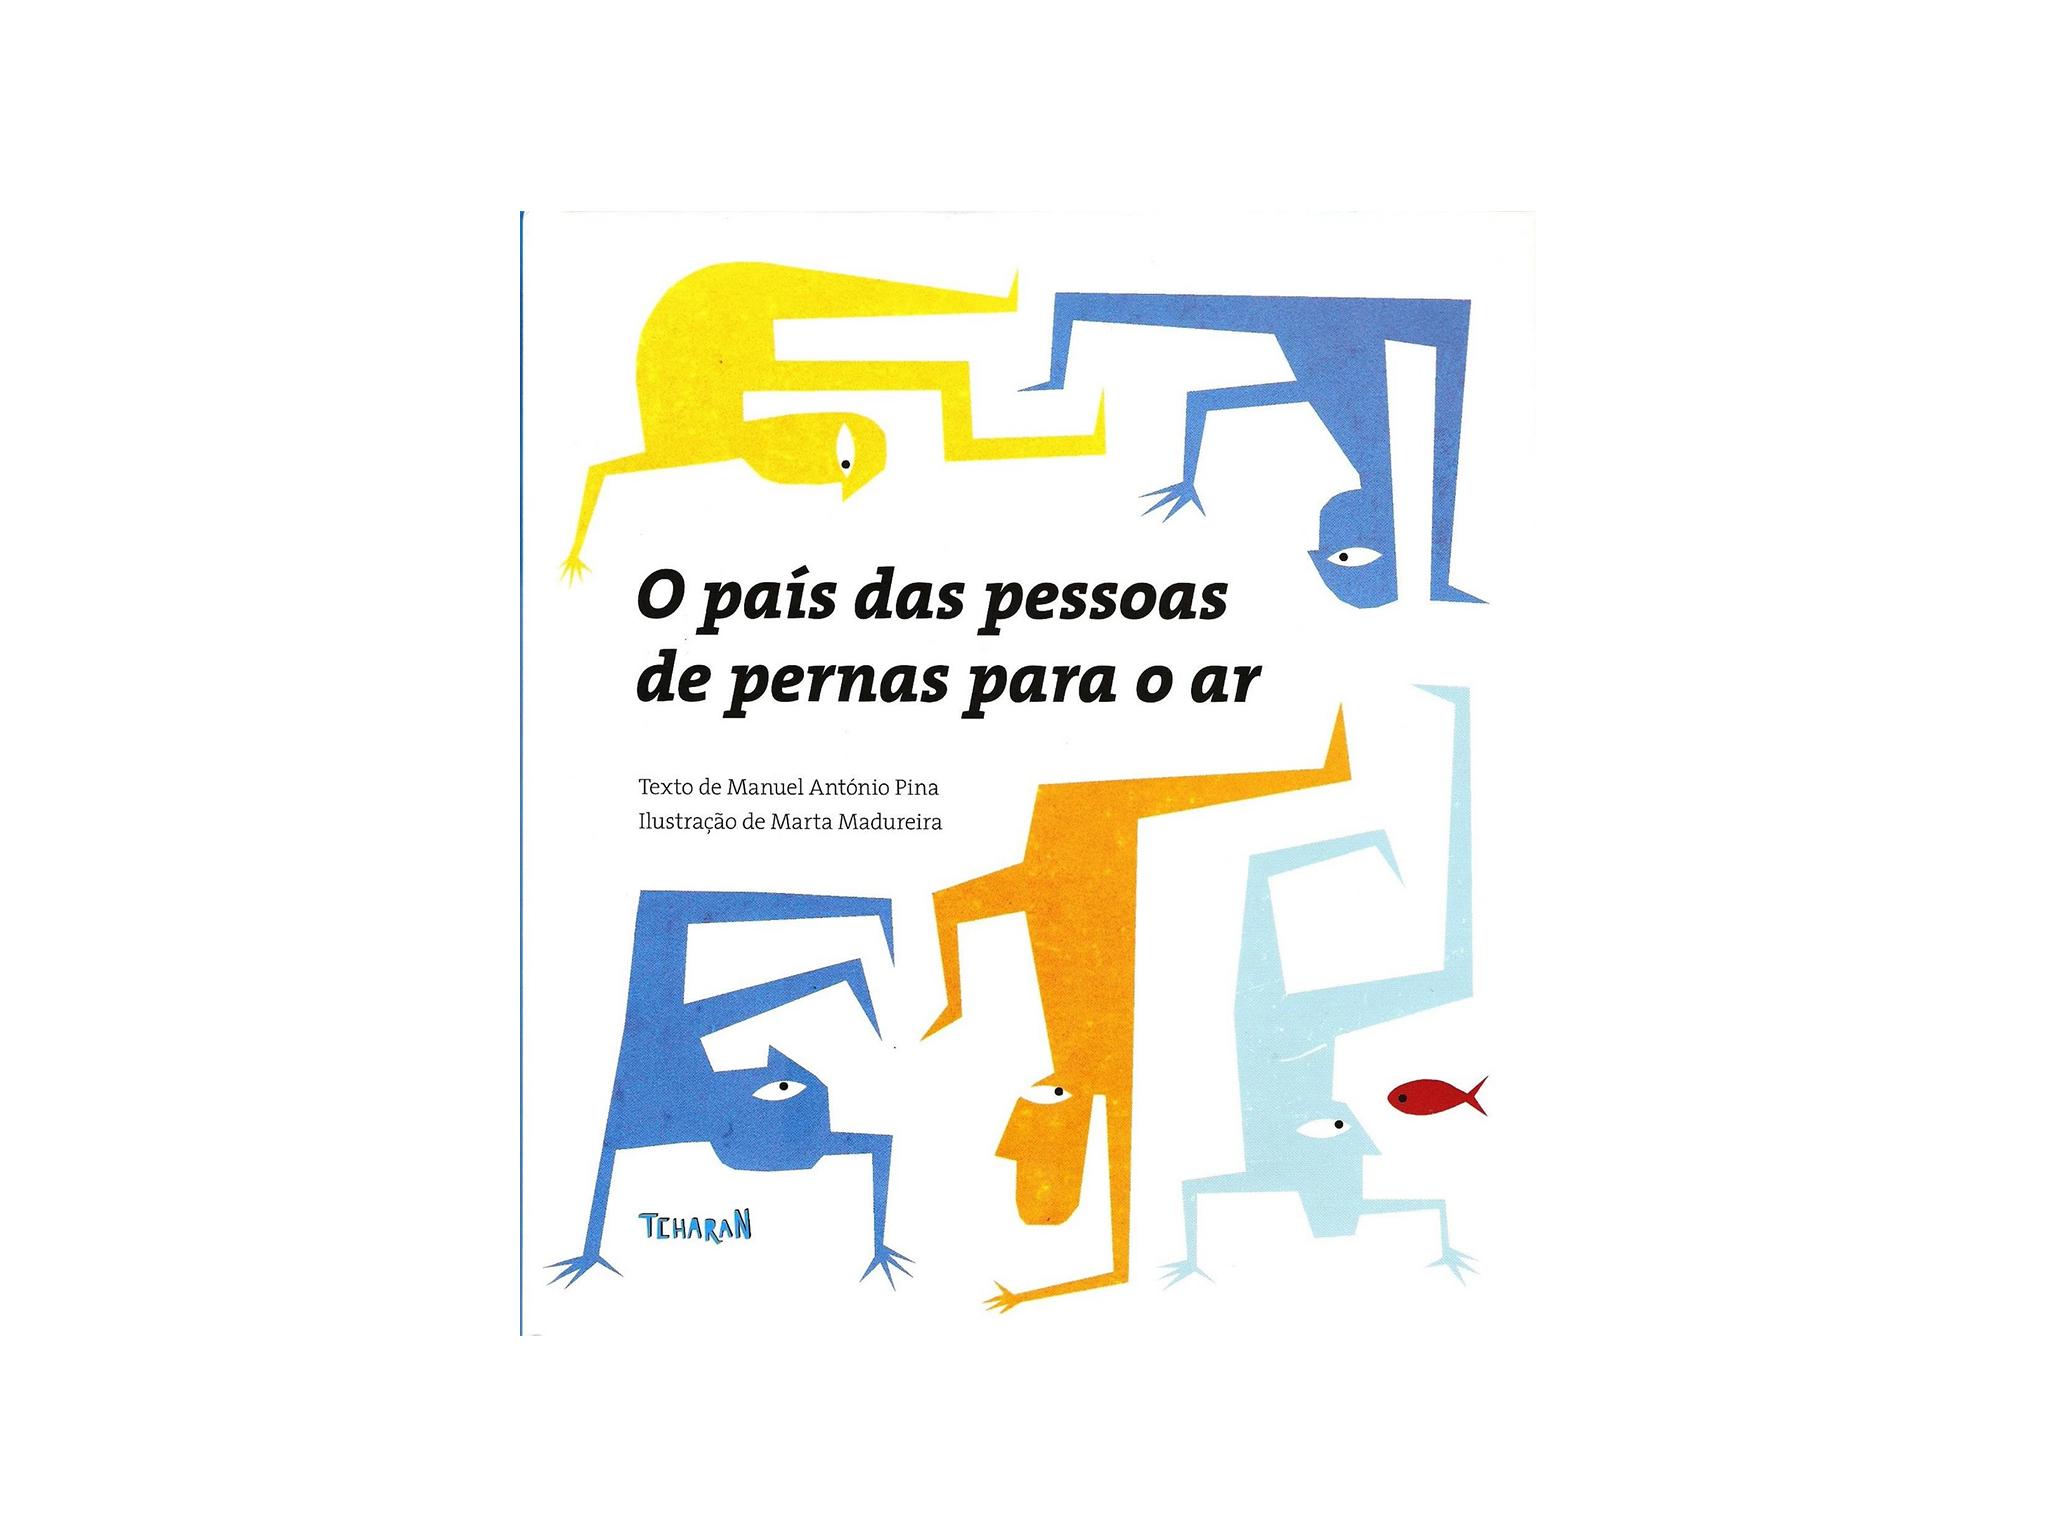 Livro, O país das pessoas de pernas para o ar, Manuel António Pina